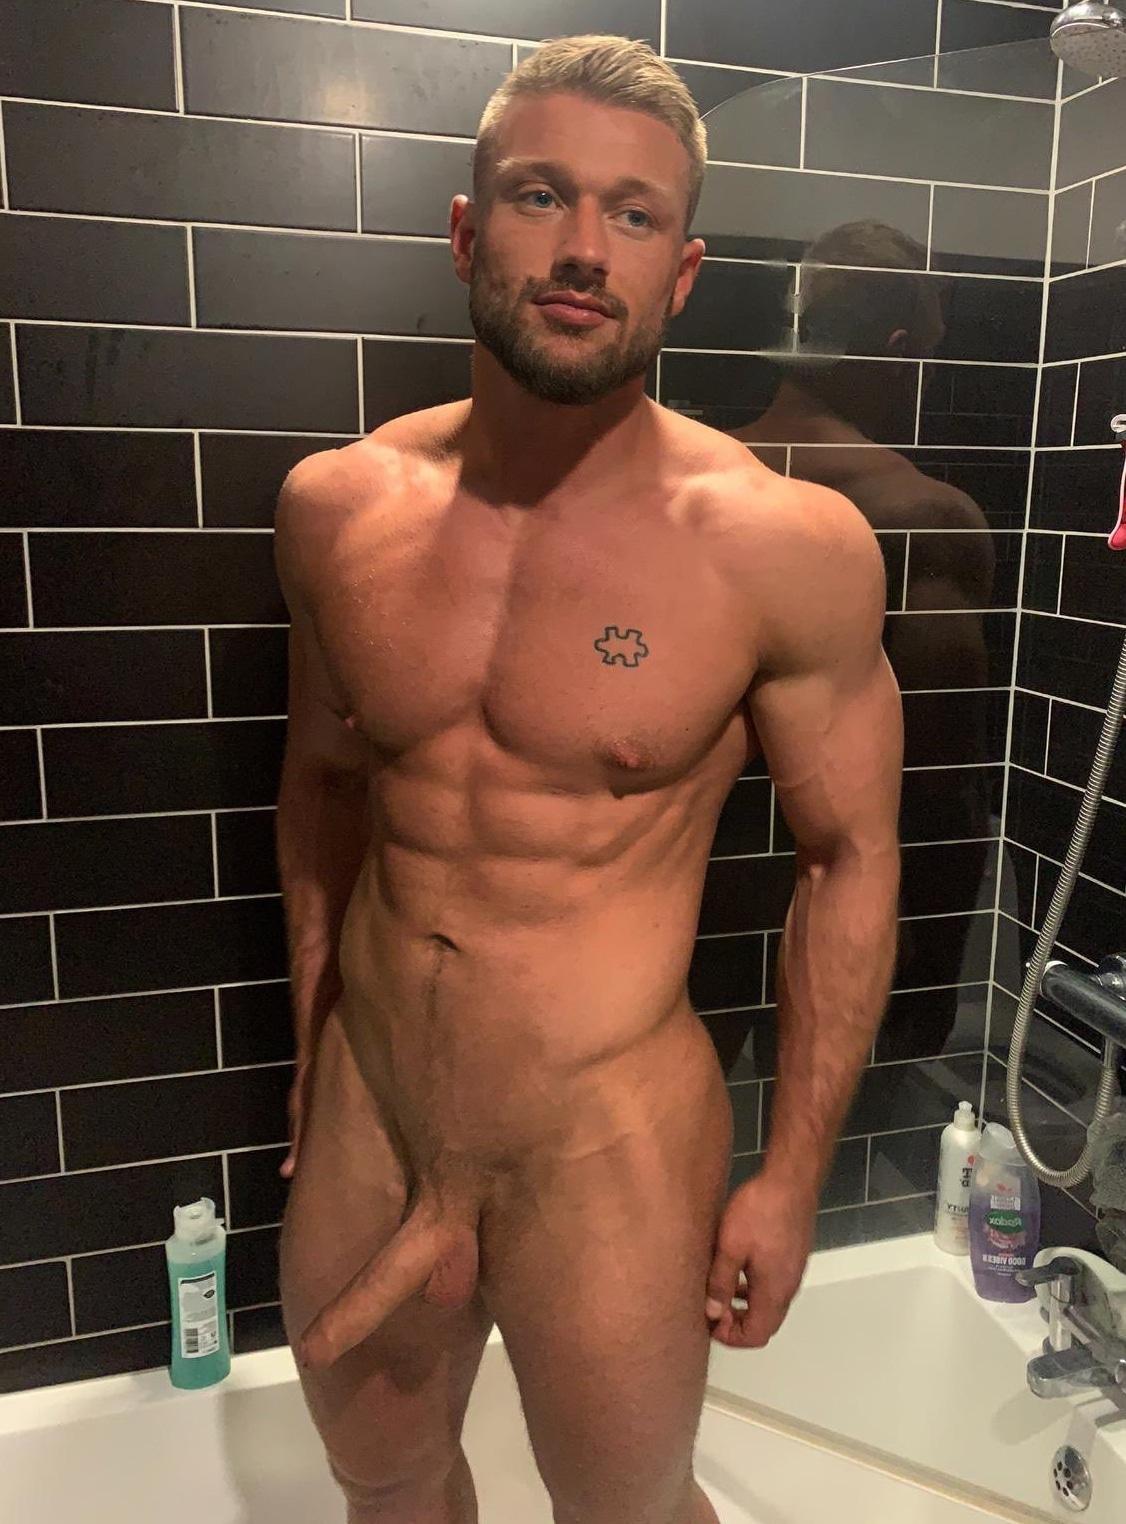 Hunk taking a nude selfie